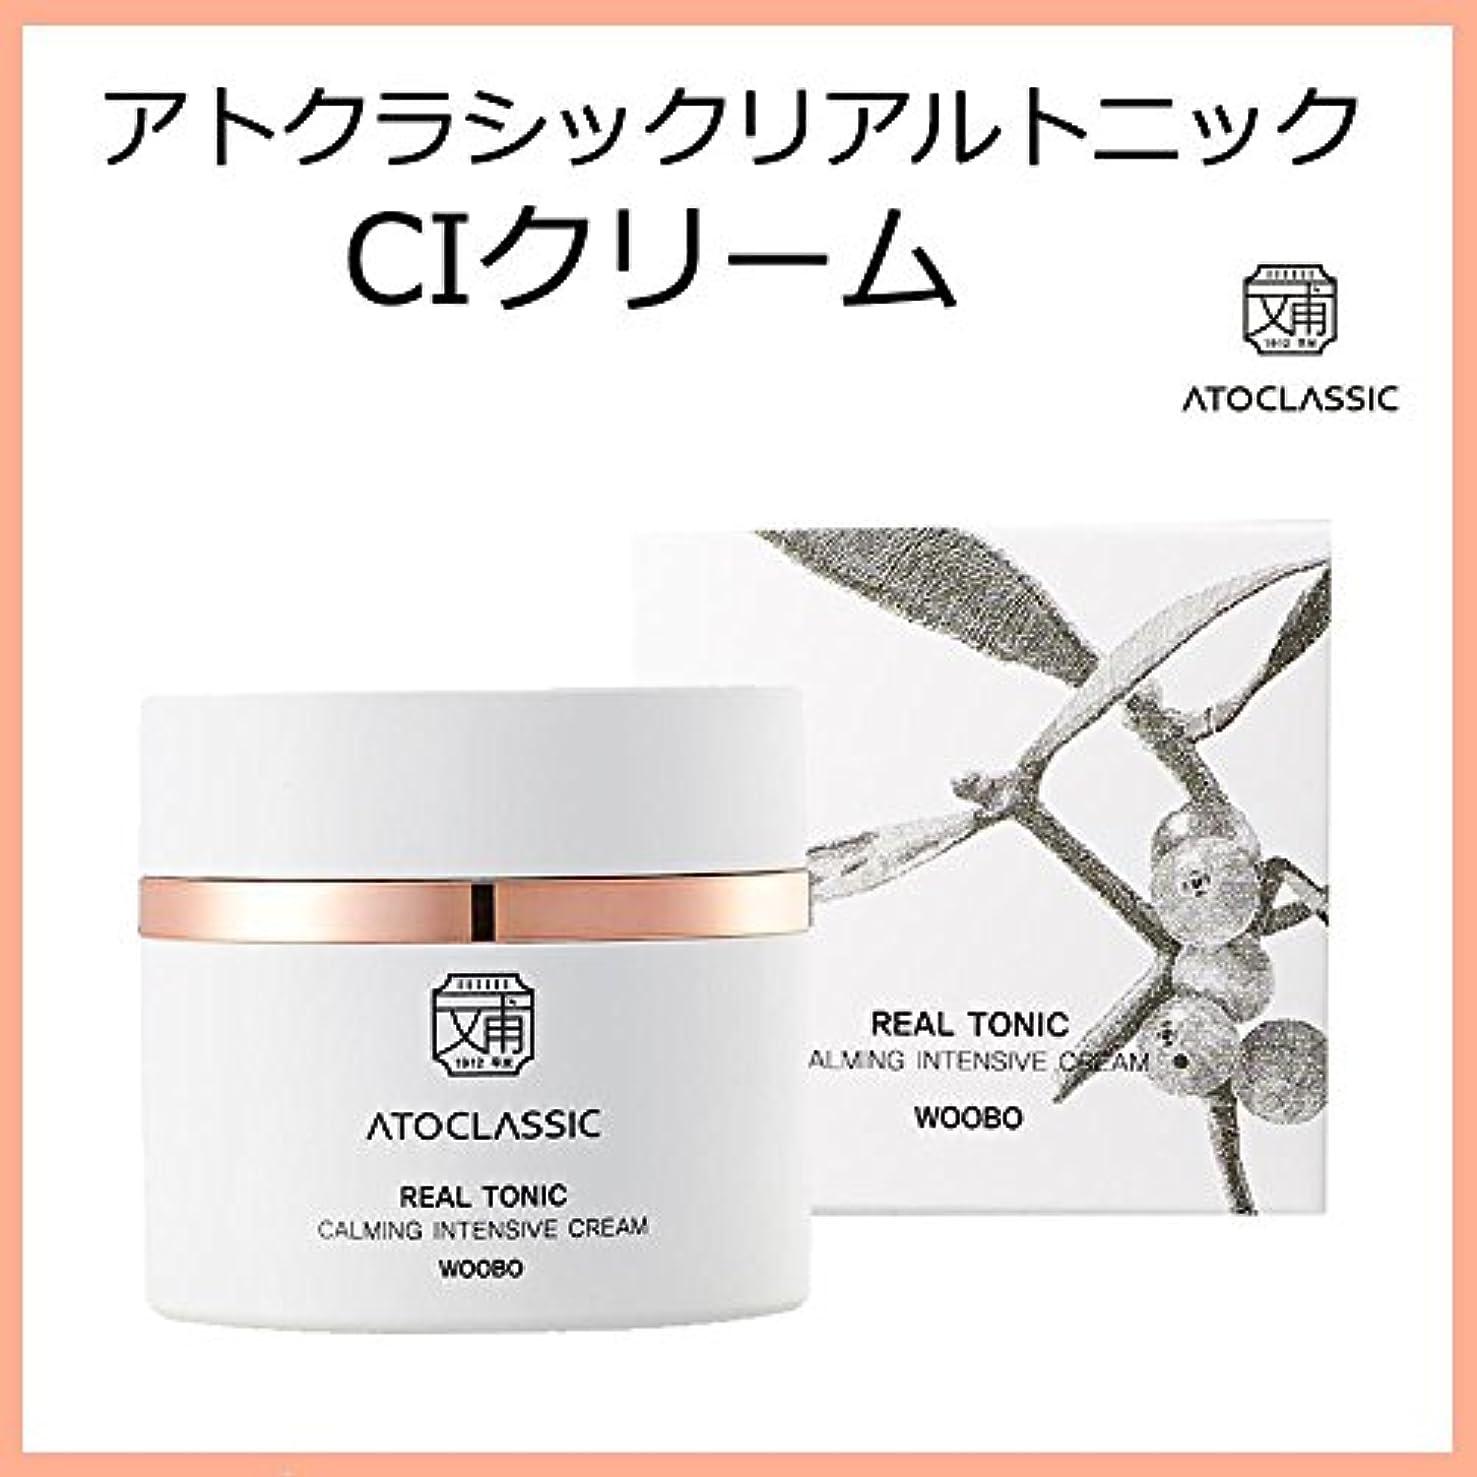 ハウジング心配するシロクマ韓国コスメ ATOCLASSIC アトクラシックリアルトニック CIクリーム(Calming Intensive Cream) 50ml